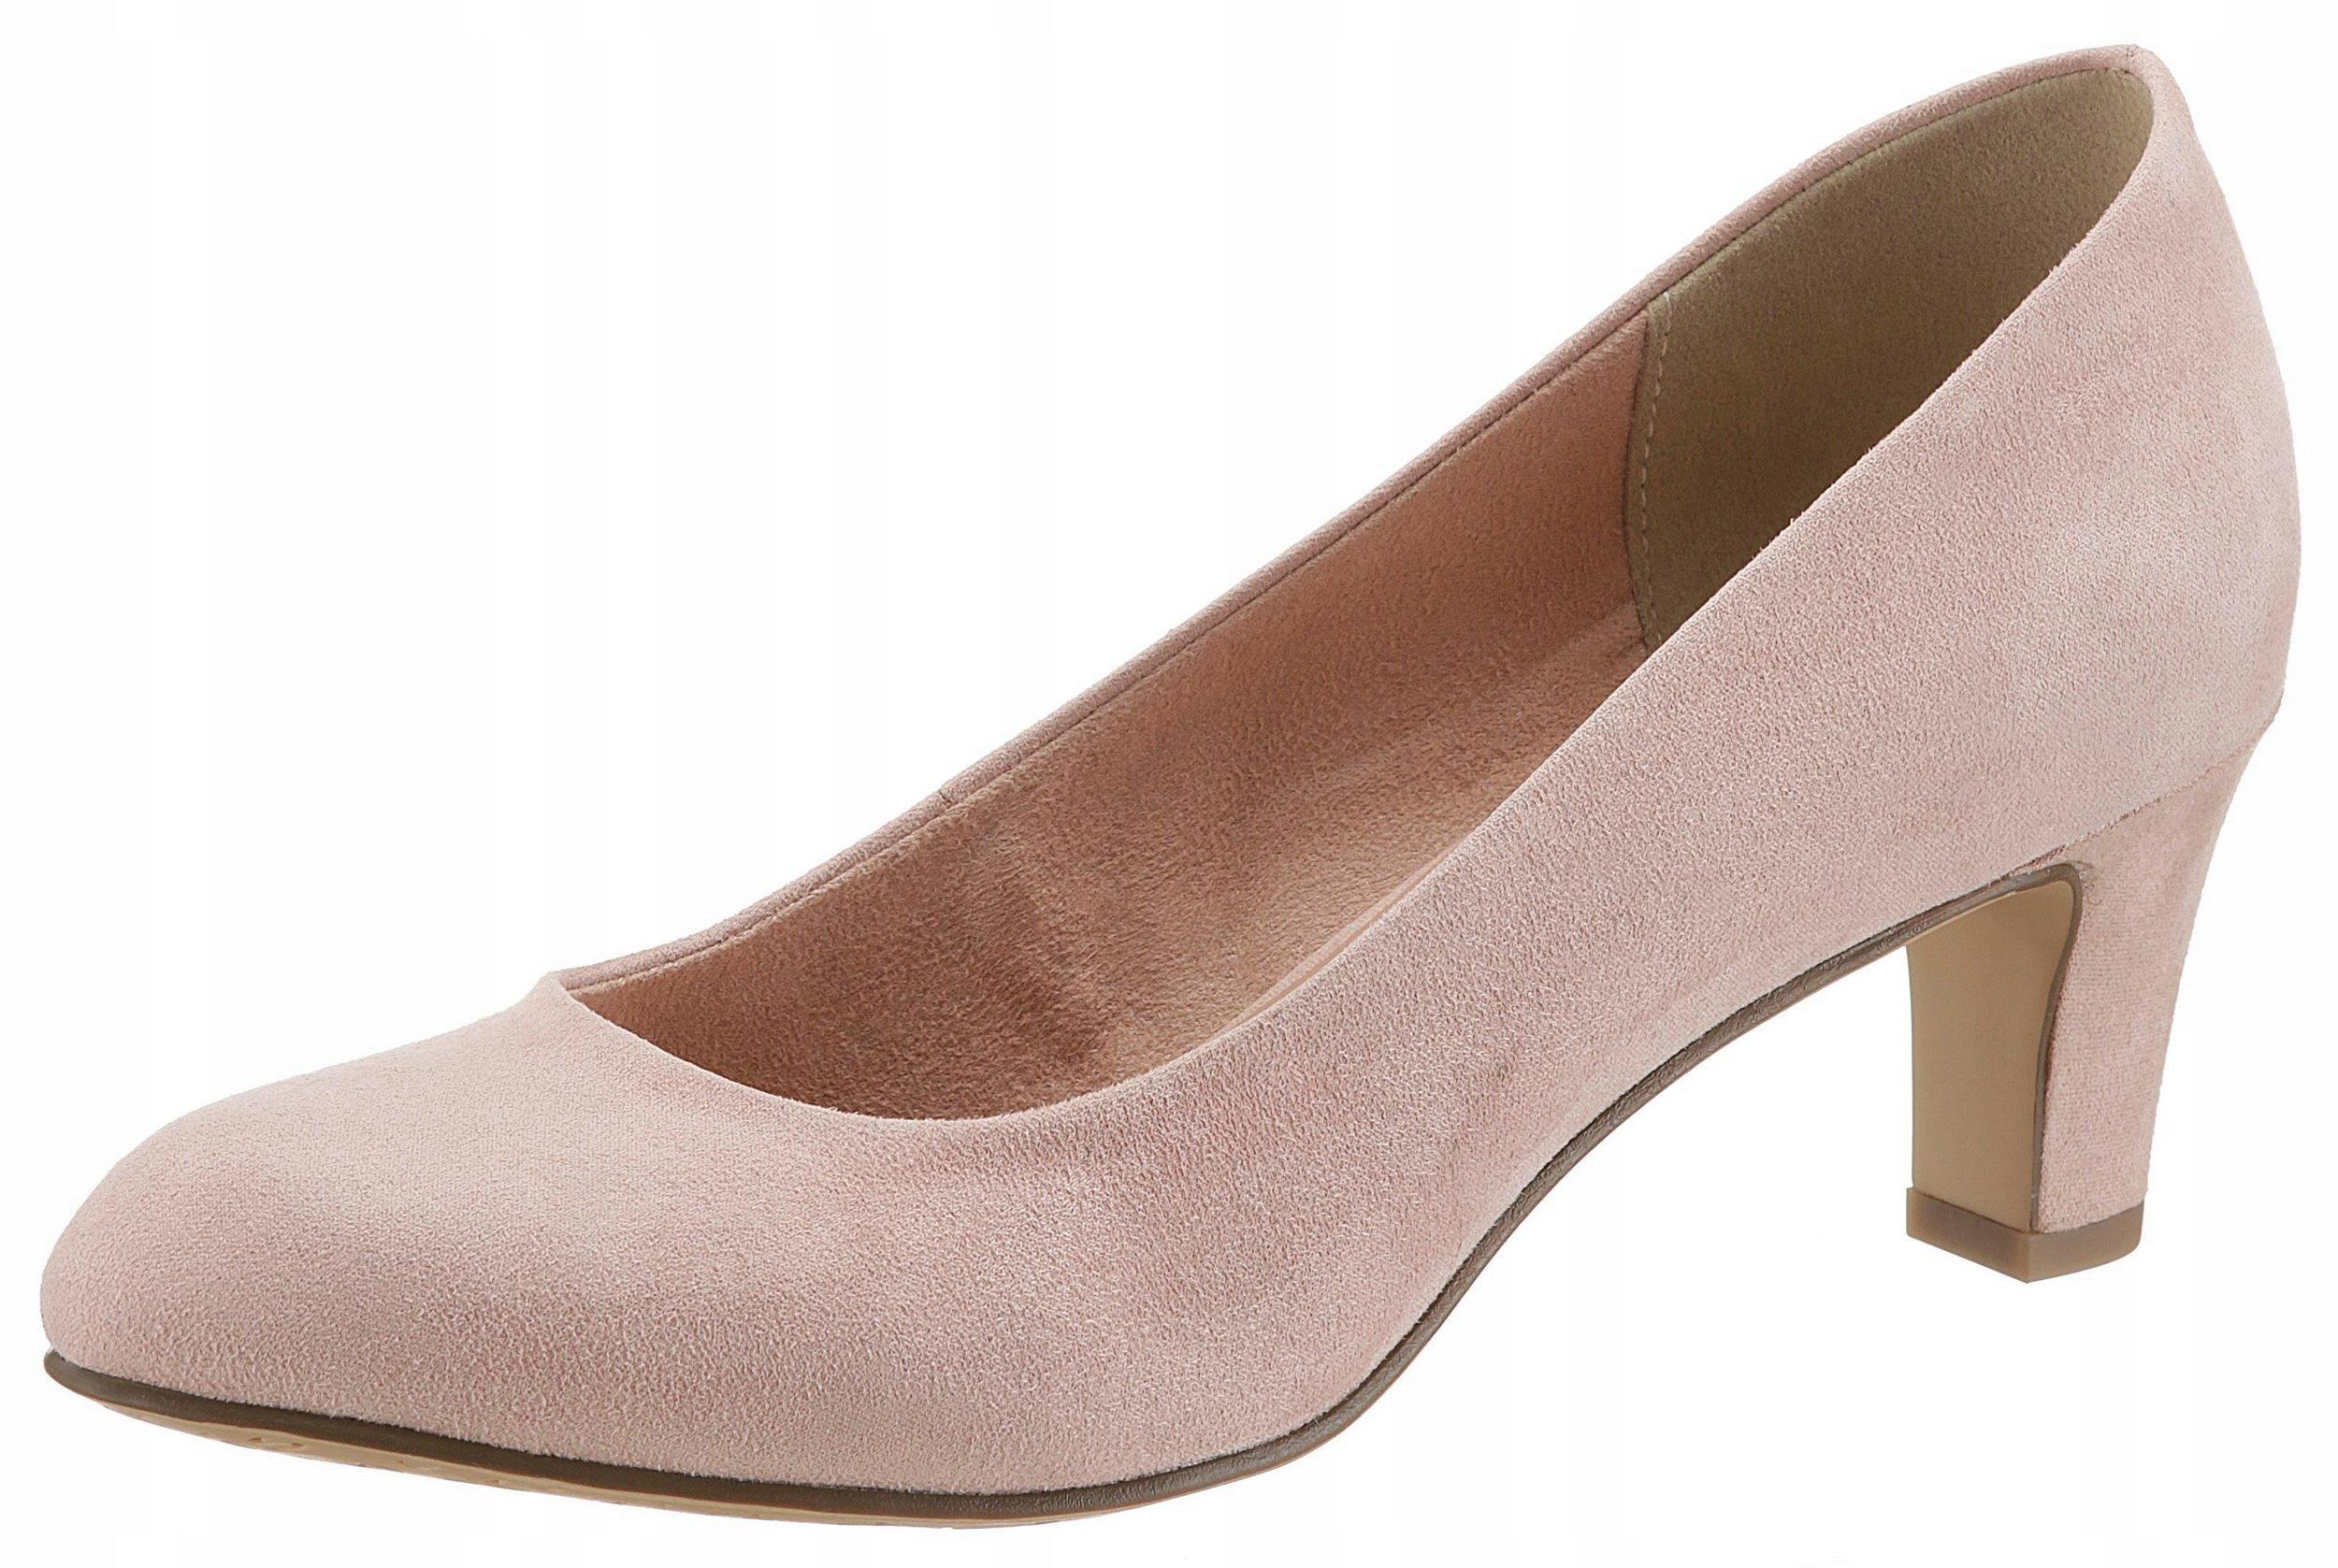 Pantofle damskie Tamaris roz.41*Outlet*b848